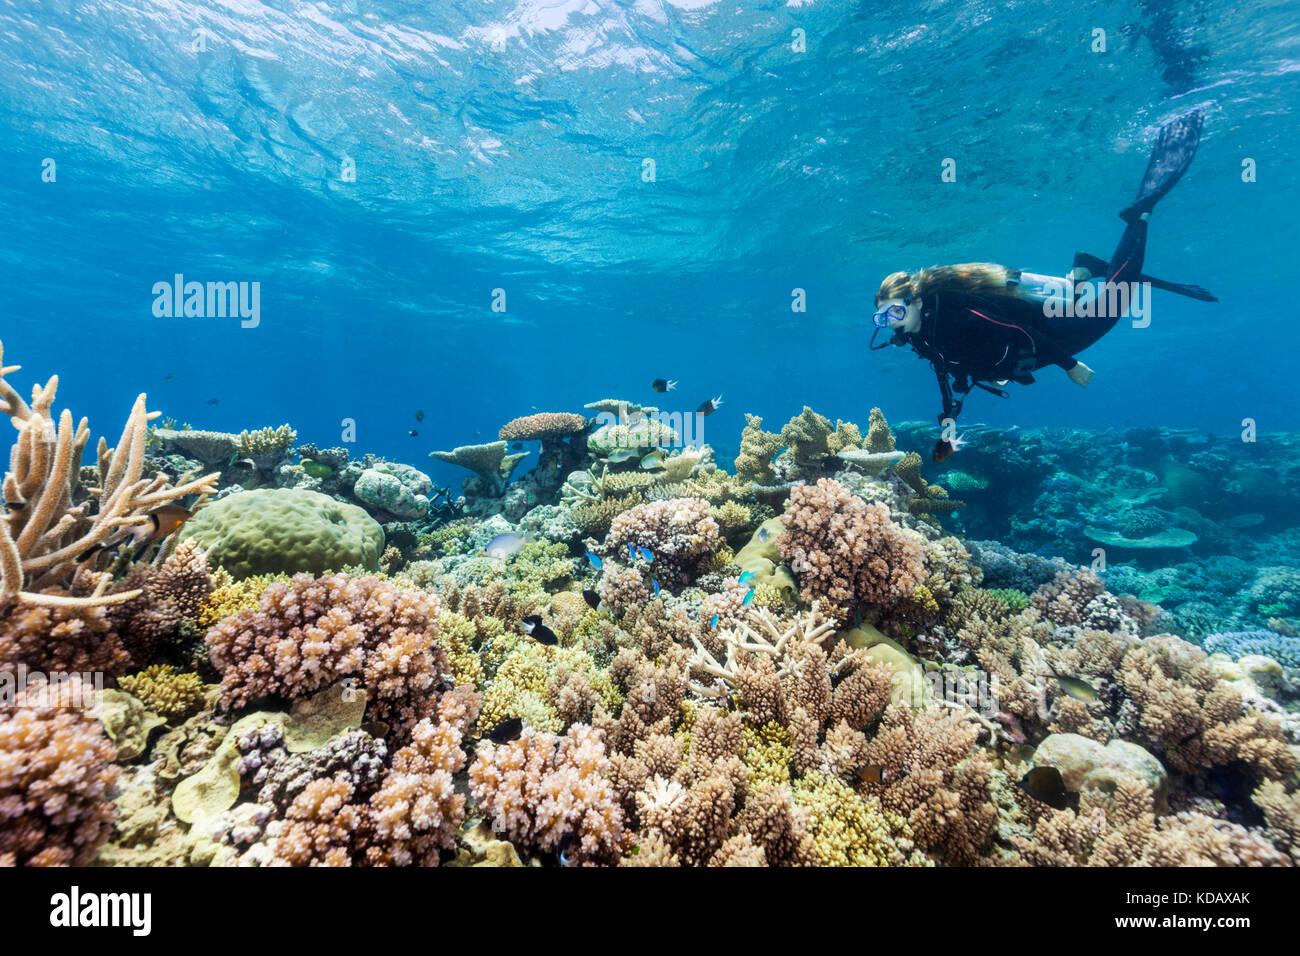 La découverte de la plongée formations de corail d'Agincourt Reef, Great Barrier Reef Marine Park, Photo Stock